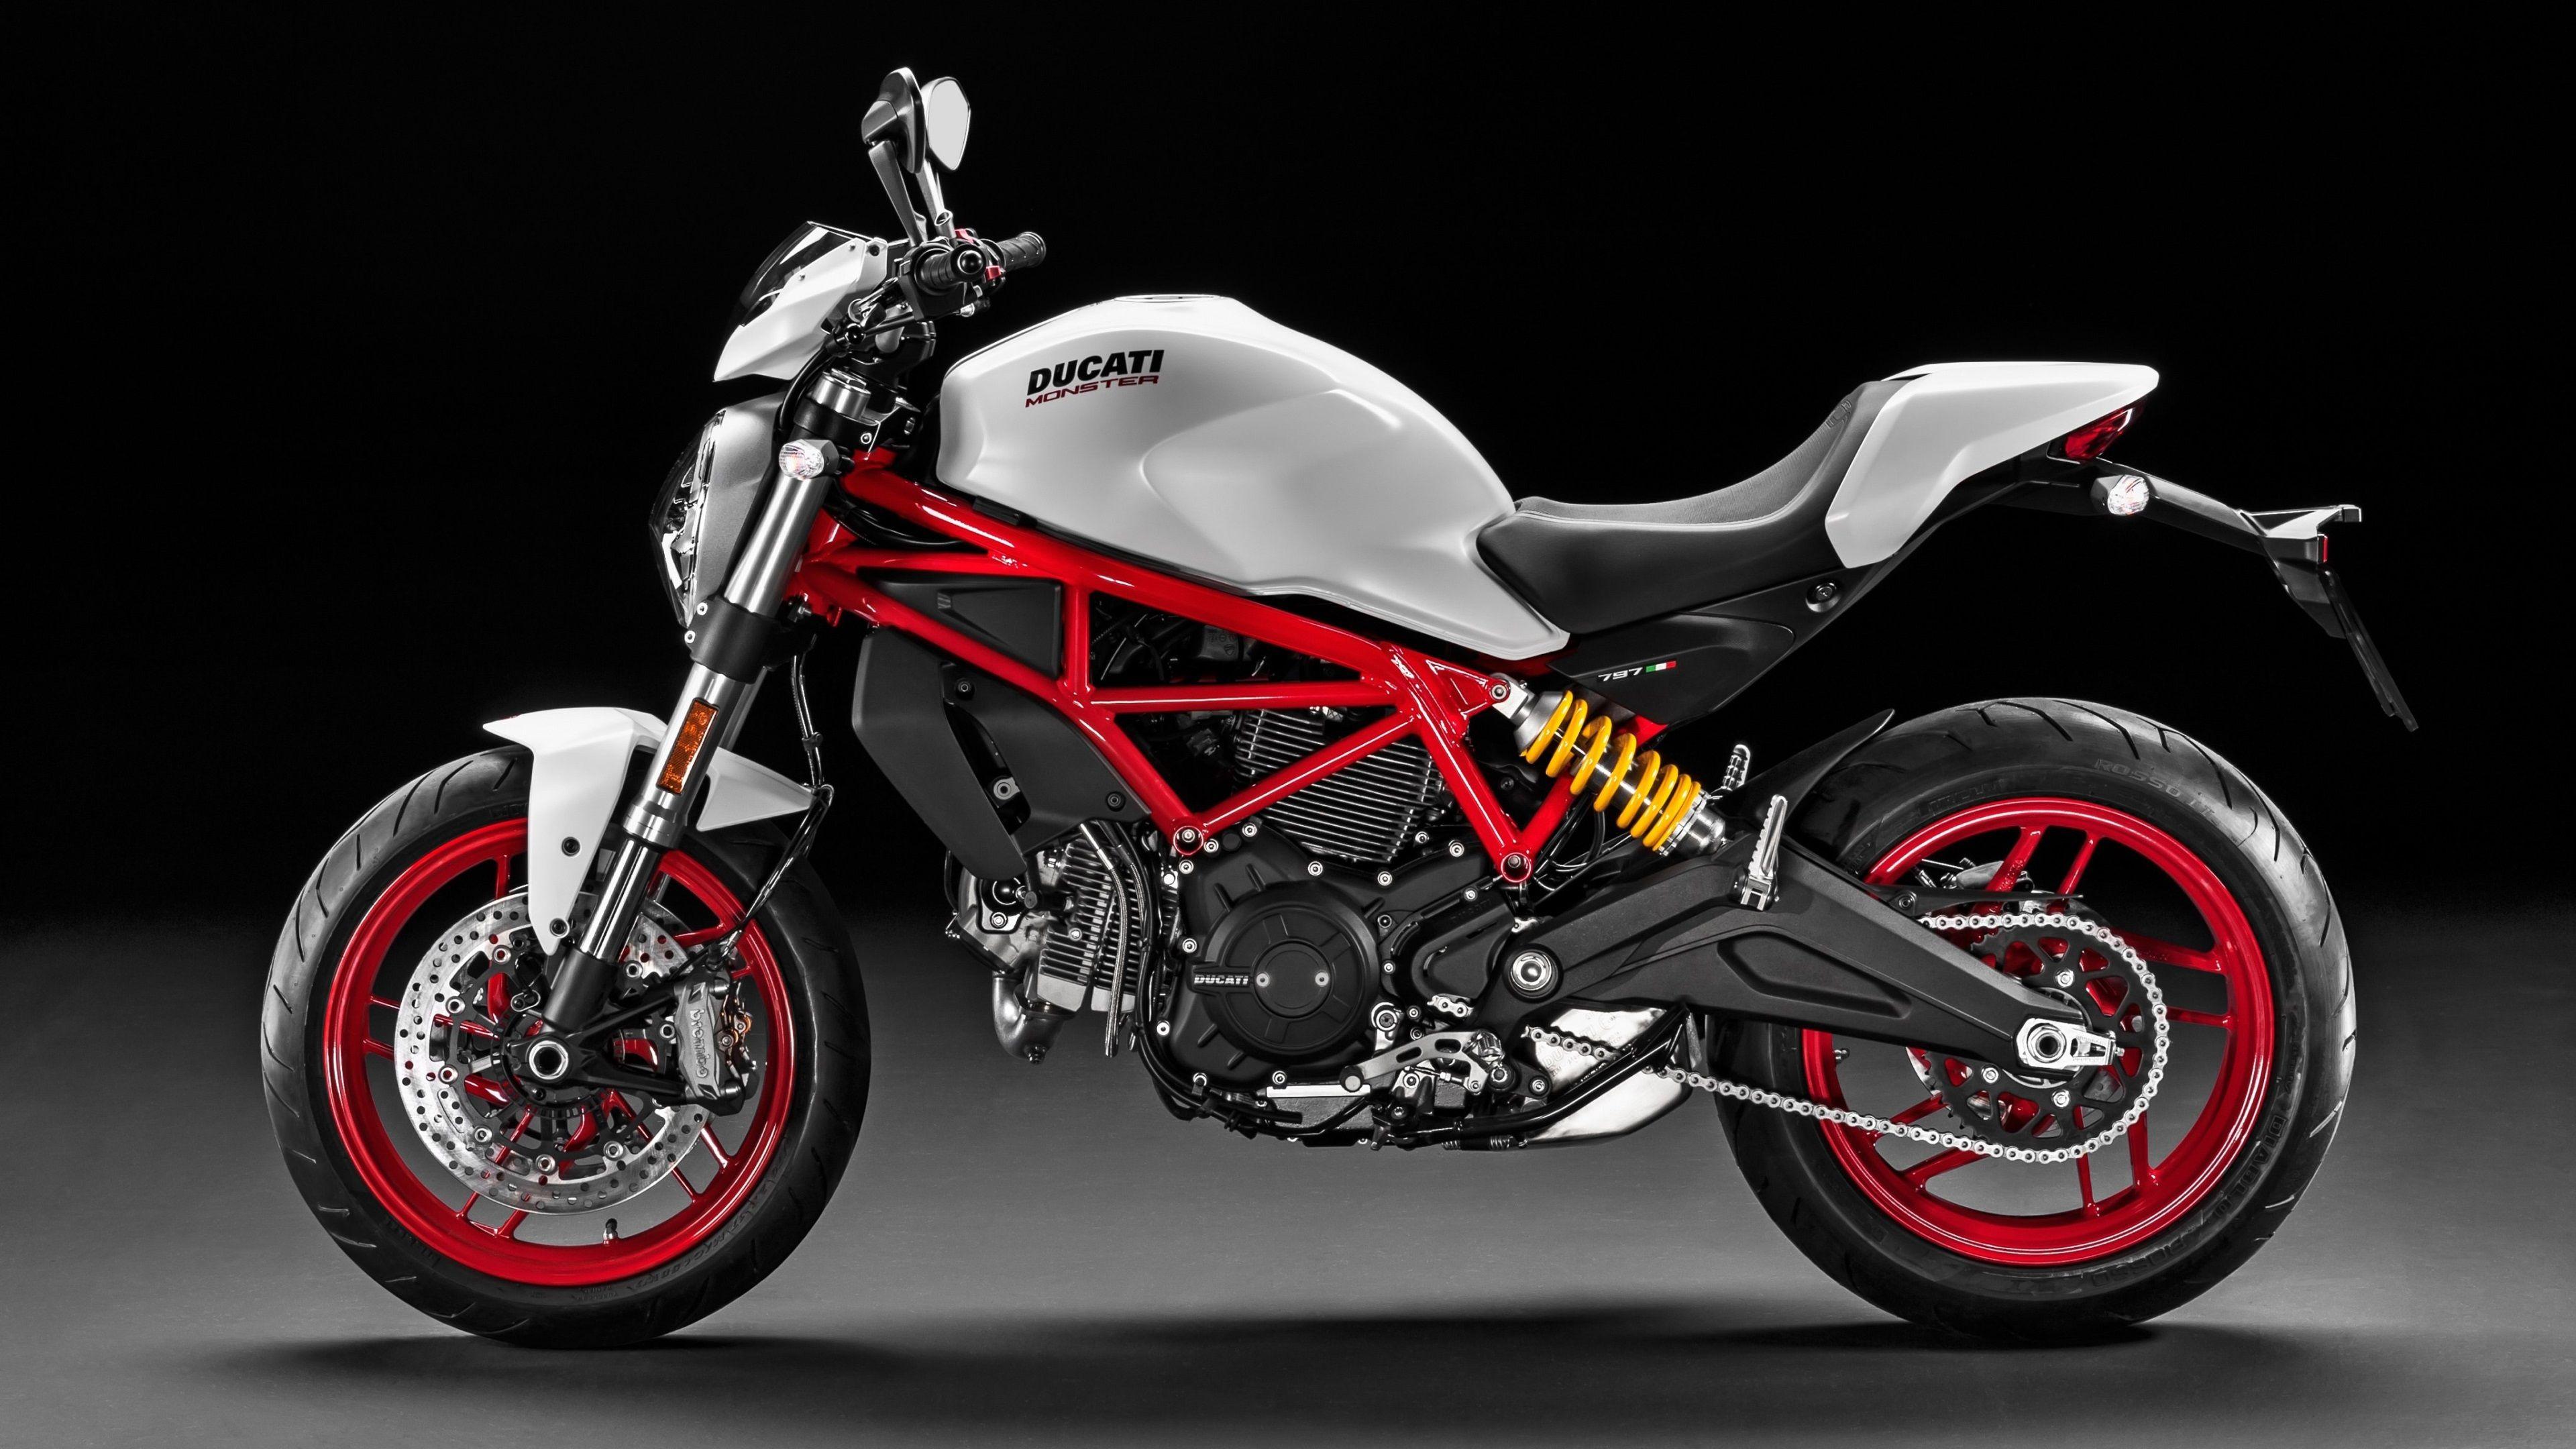 3840x2160 Ducati Monster 797 Plus 4k Hd Pic Ducati Monster Ducati Motorcycle